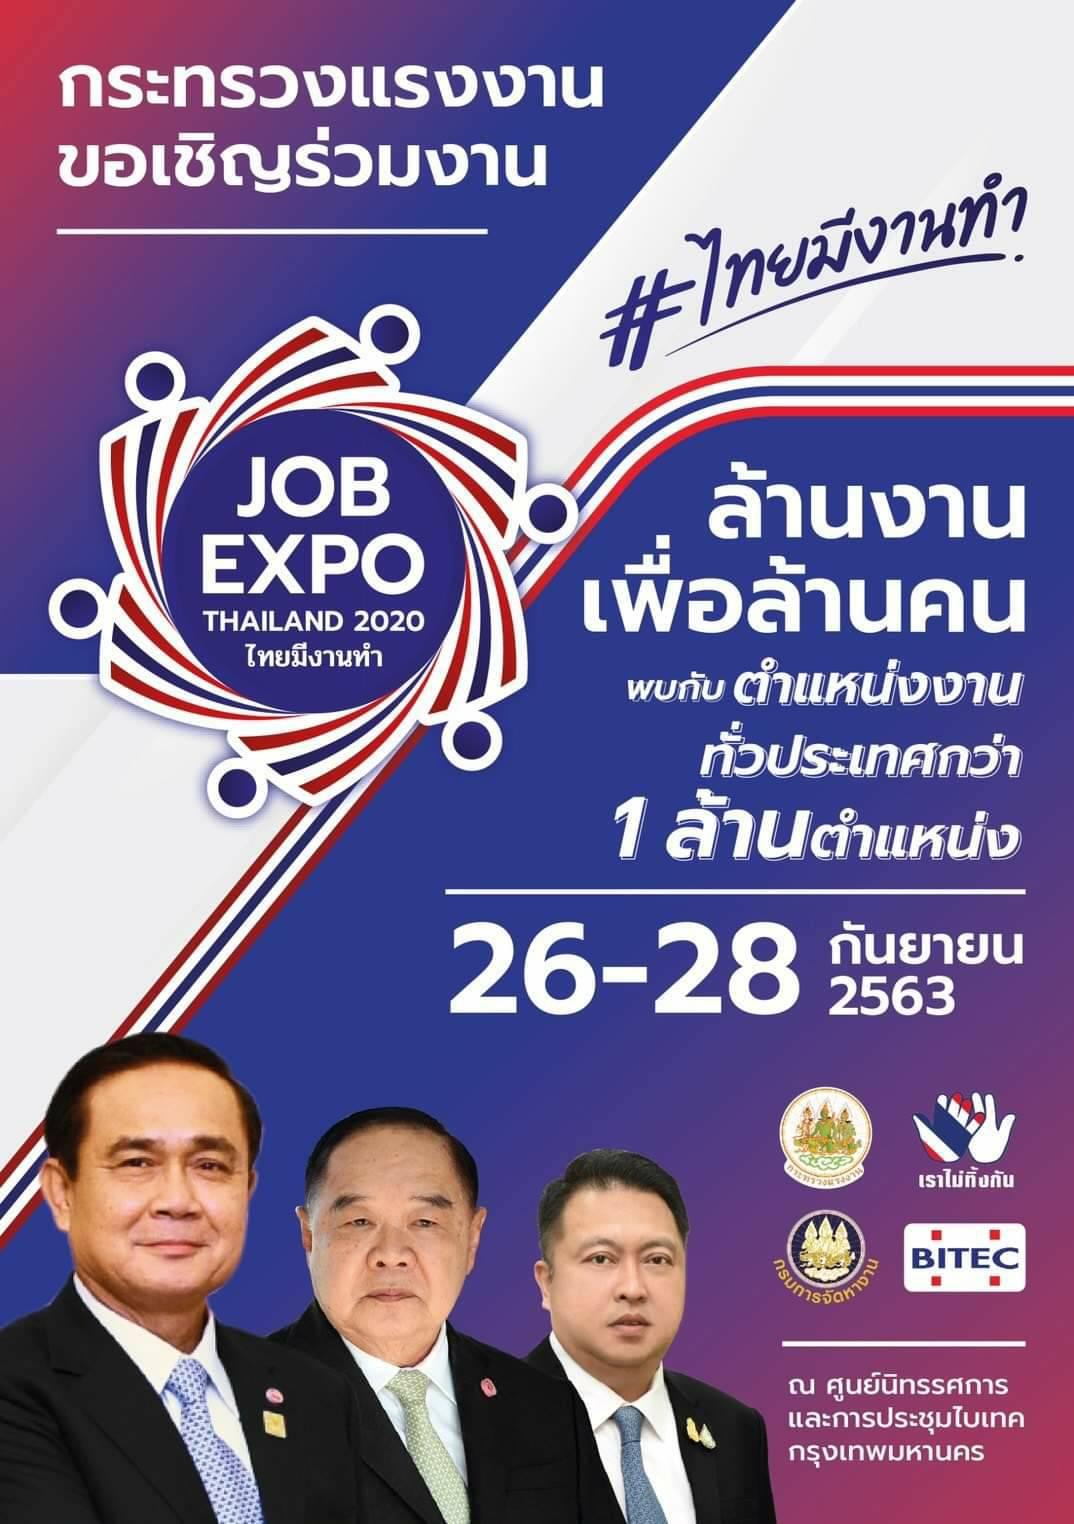 กระทรวงแรงงาน ขอเชิญร่วมงาน JOB EXPO THAILAND 2020 ไทยมีงานทำ ระหว่างวันที่ 26-28 กันยายน 2563